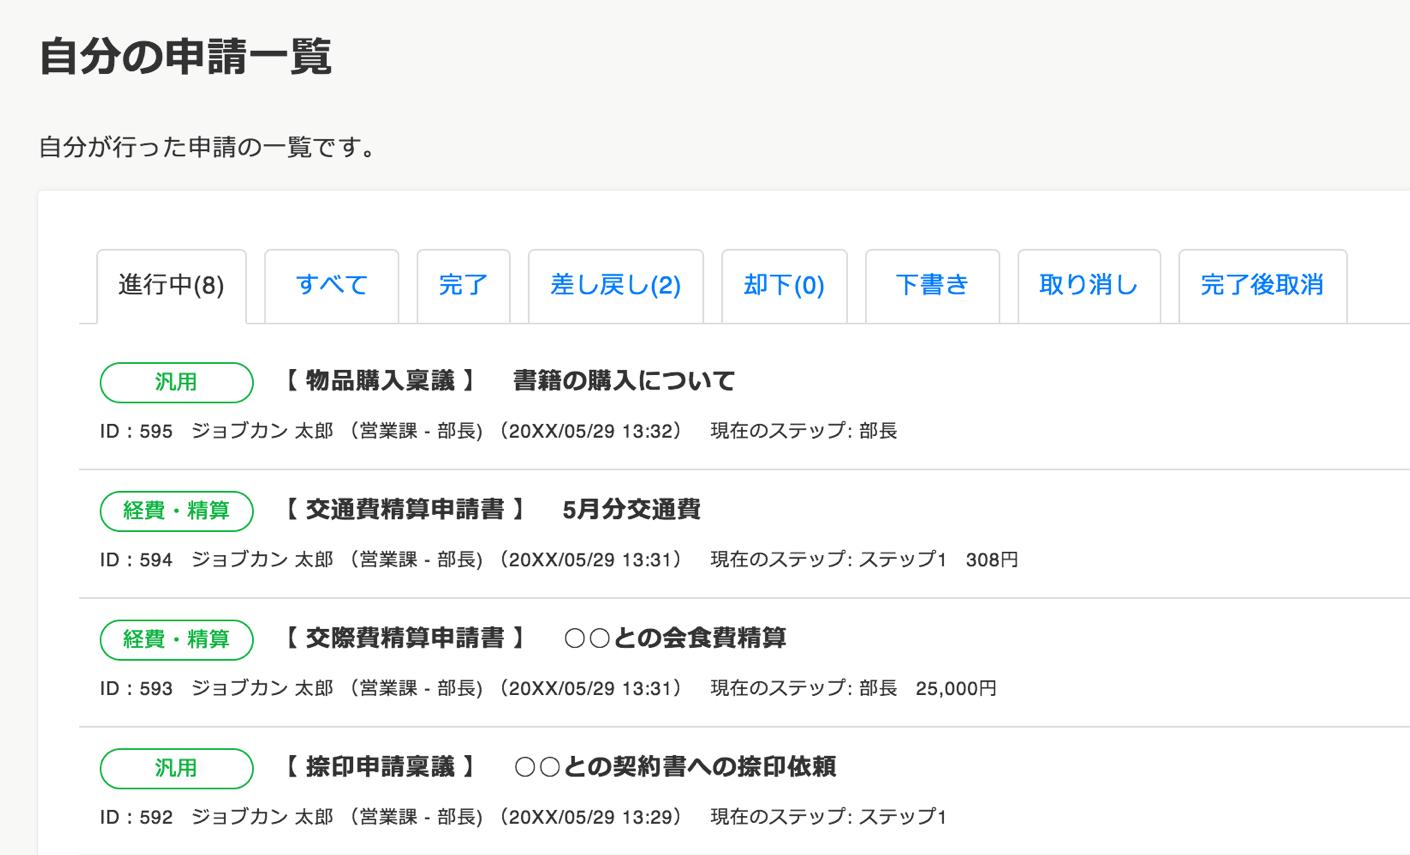 ジョブカンワークフローの申請画面(PC)